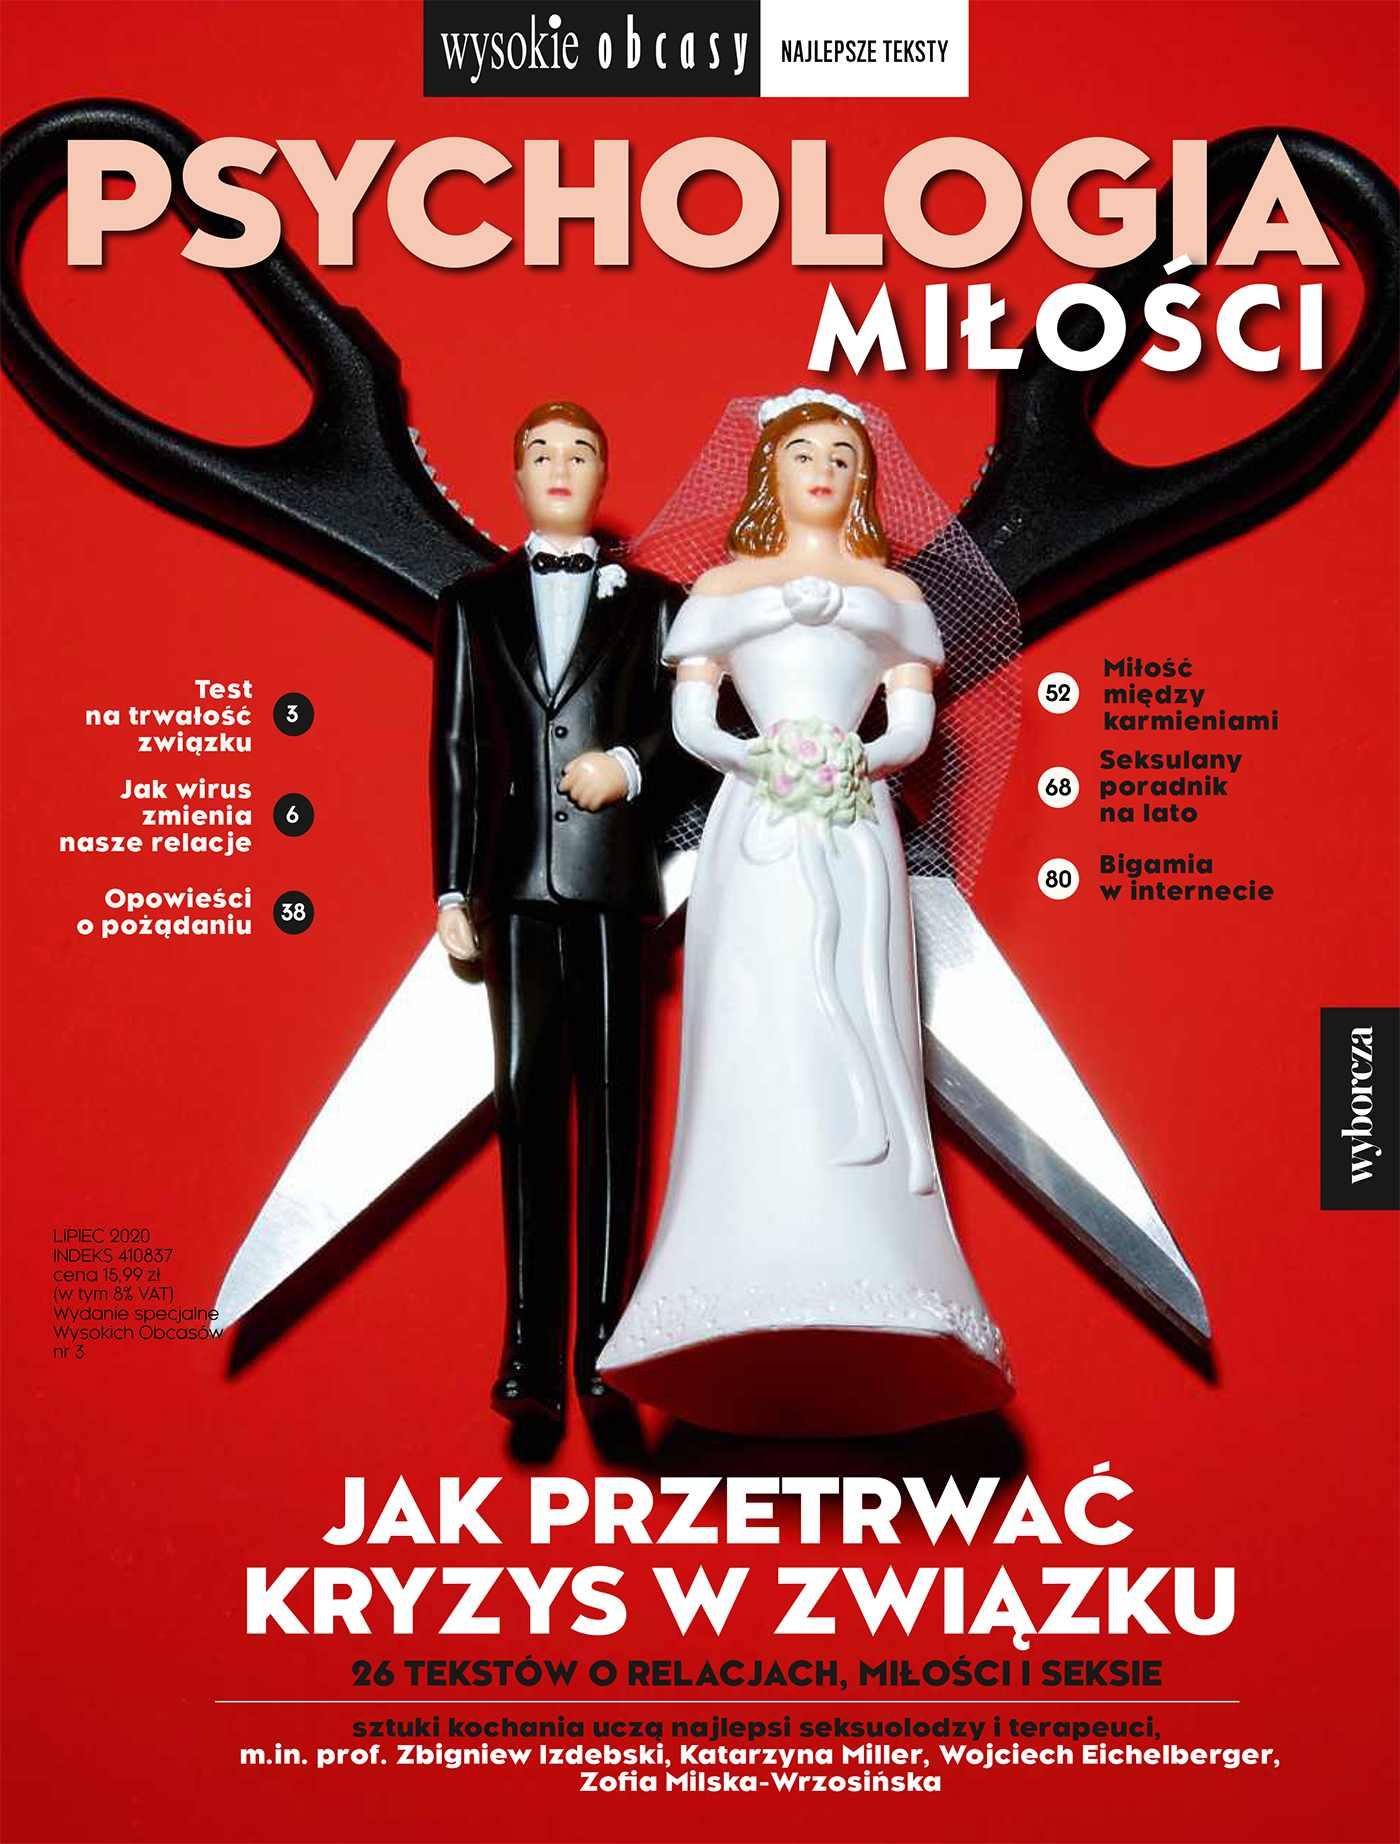 Psychologia miłości. Wysokie Obcasy. Wydanie Specjalne 3/2020 - Ebook (Książka na Kindle) do pobrania w formacie MOBI